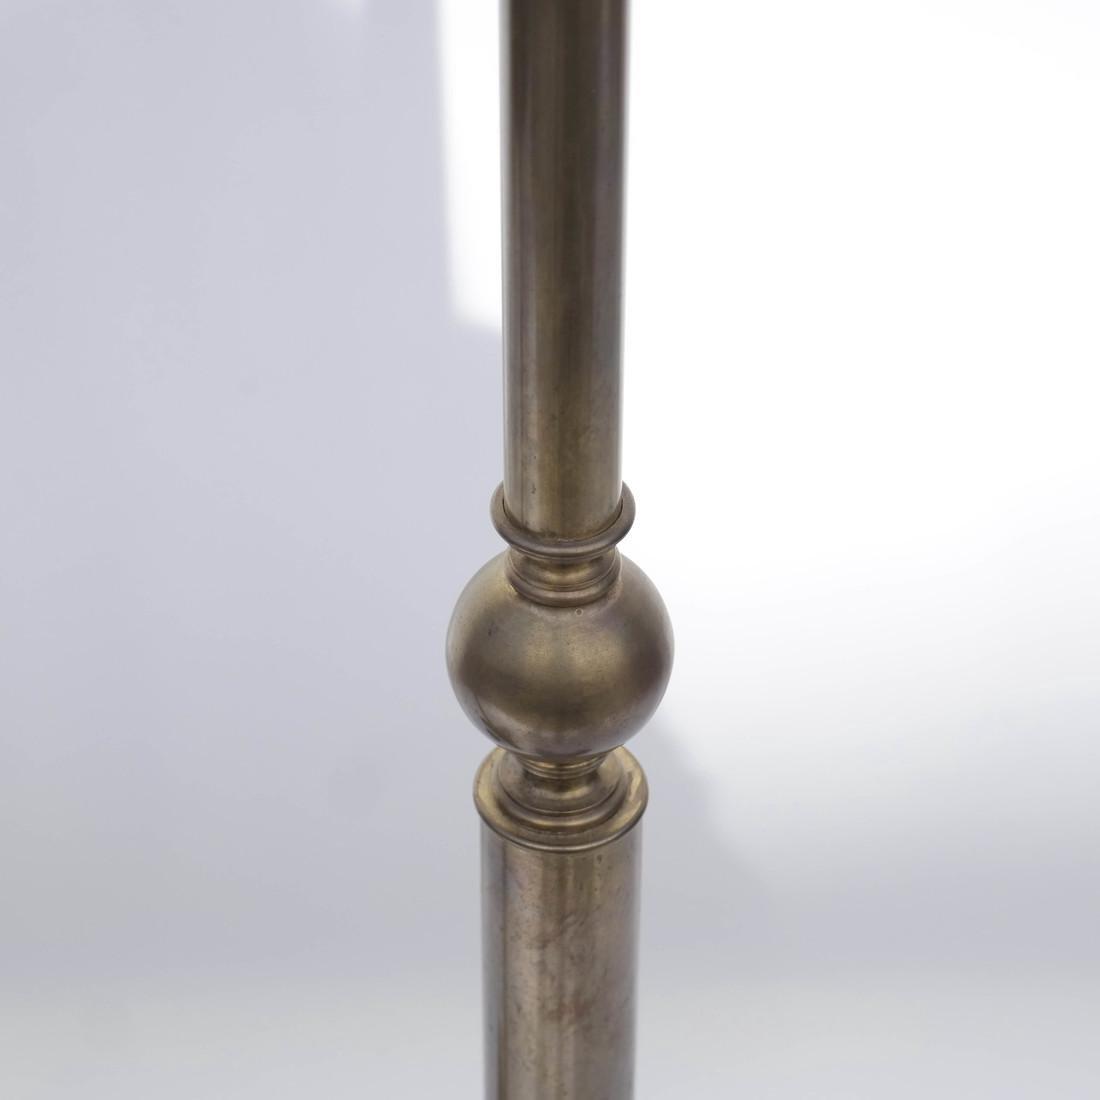 Pair of Brass Floor Lamps - 5